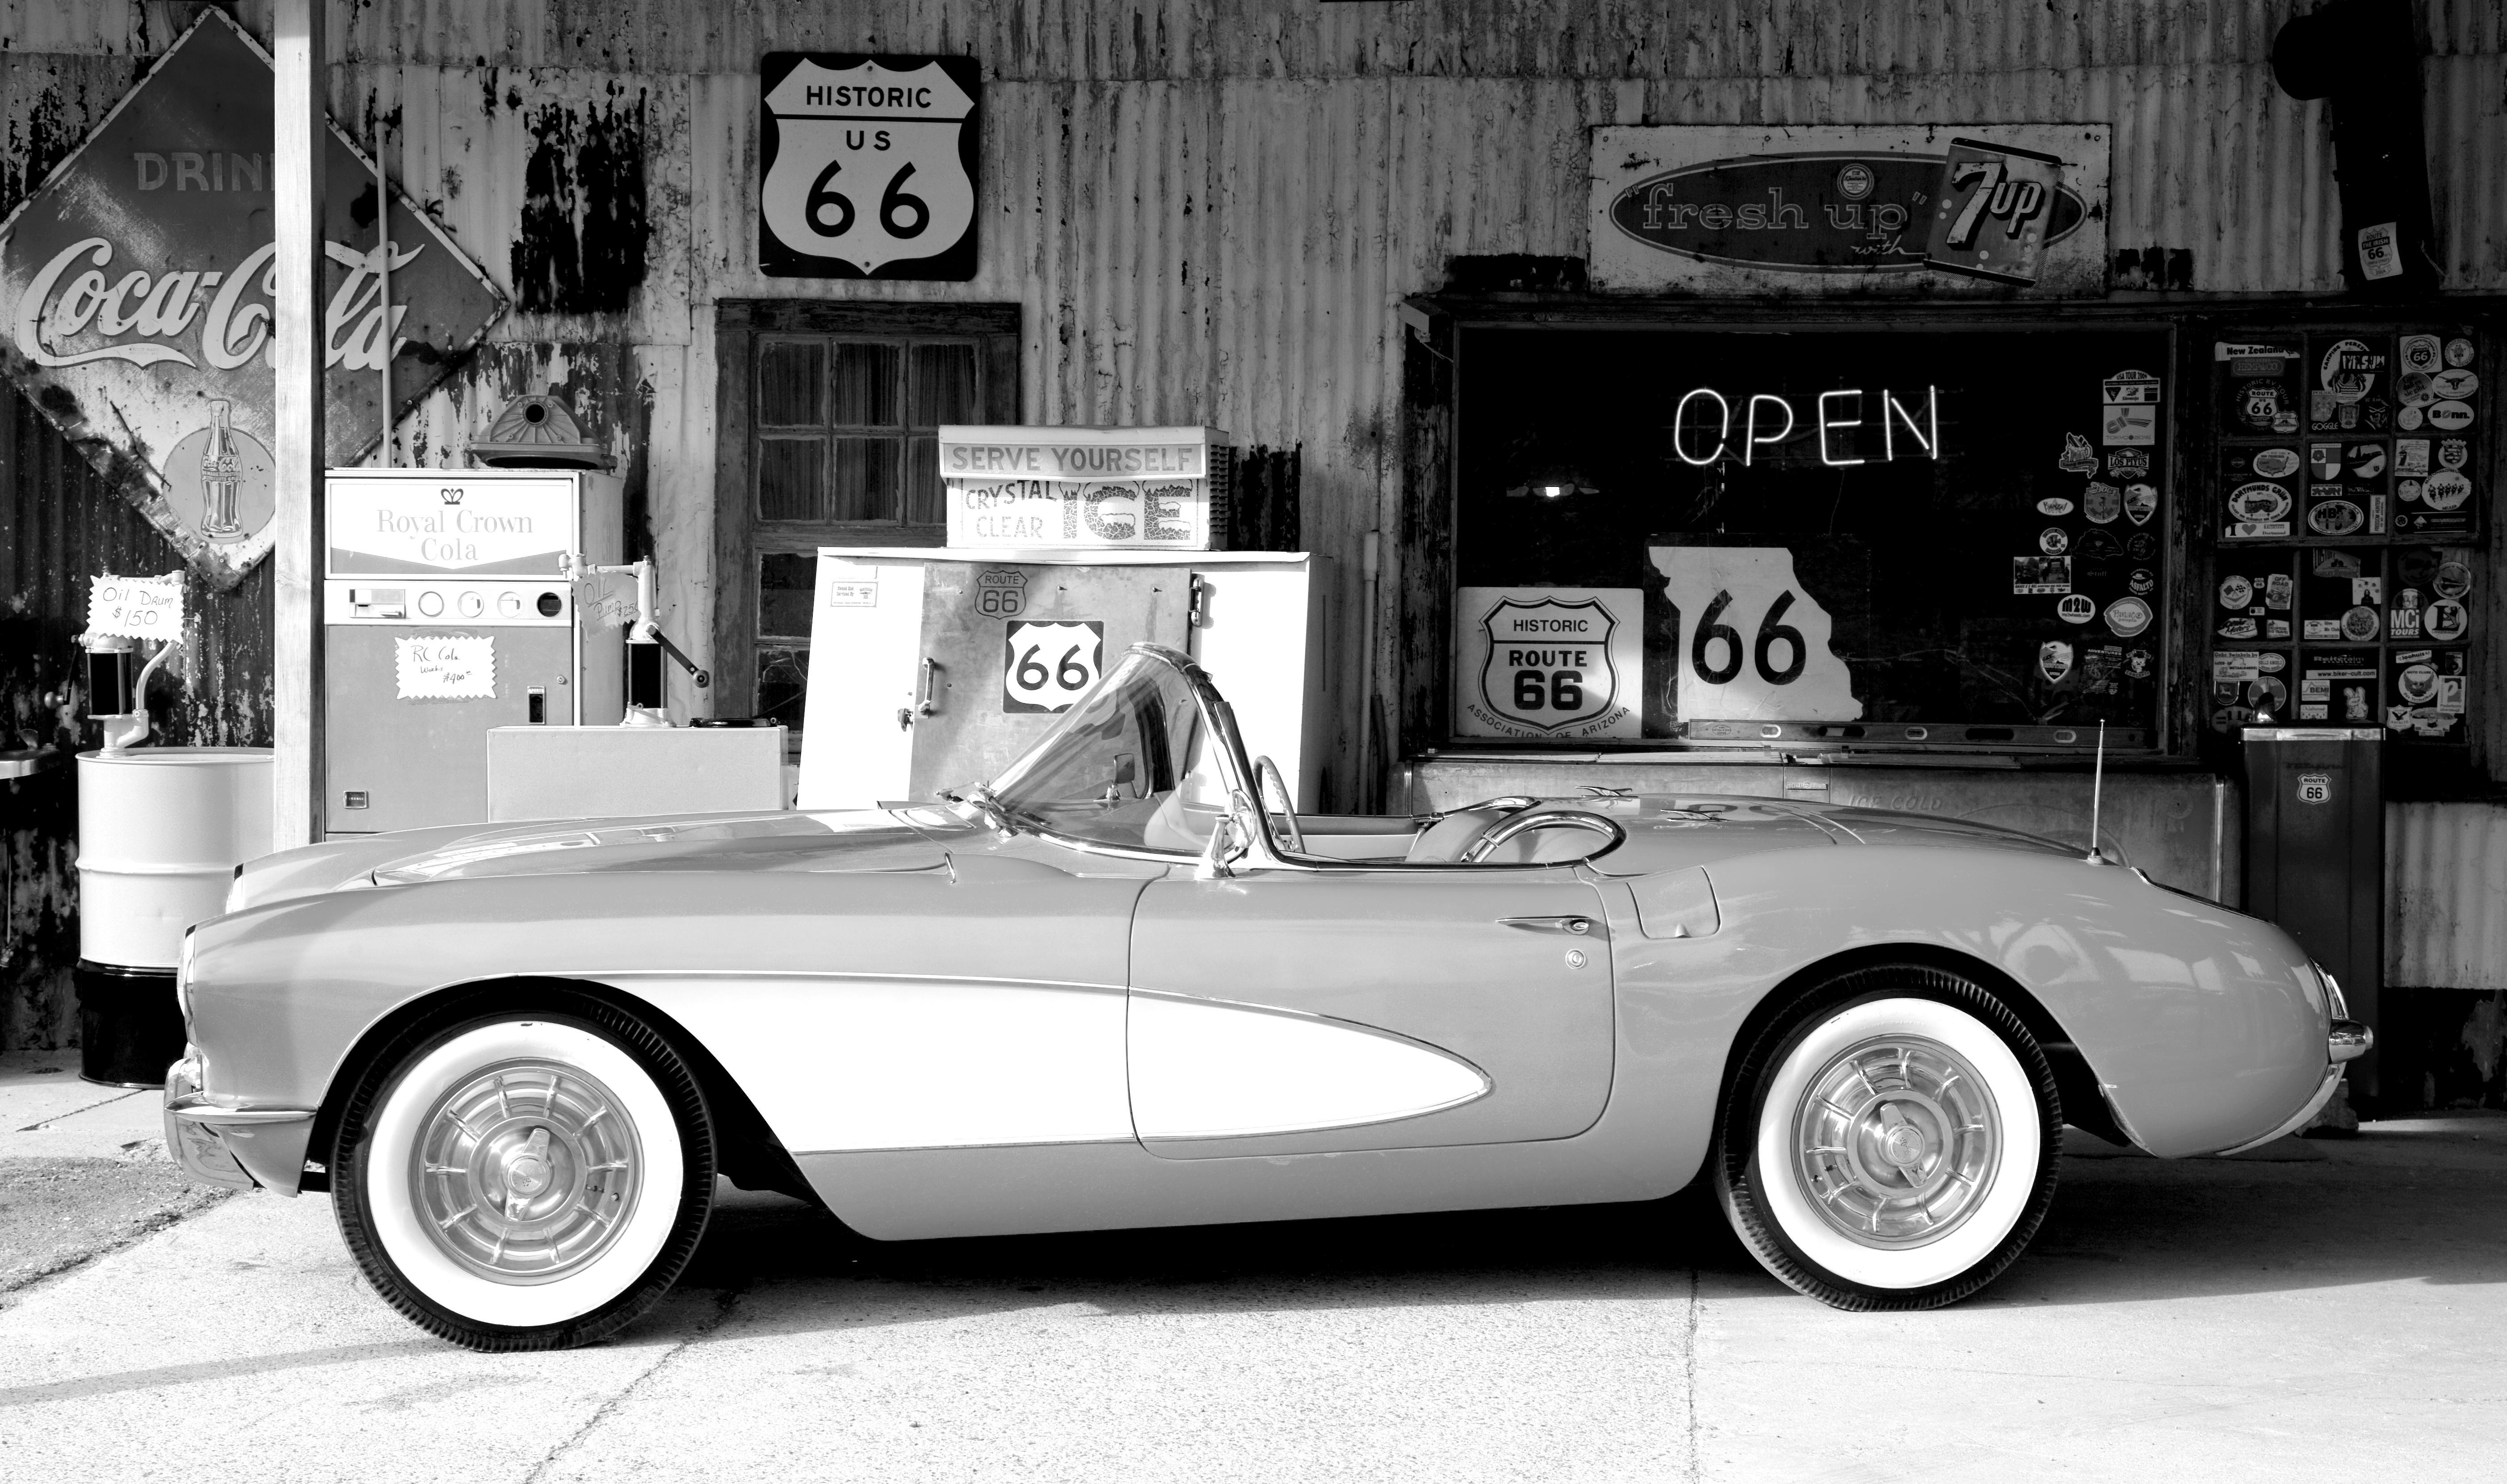 Images gratuites noir et blanc cru r tro vieux - Image de vieille voiture ...